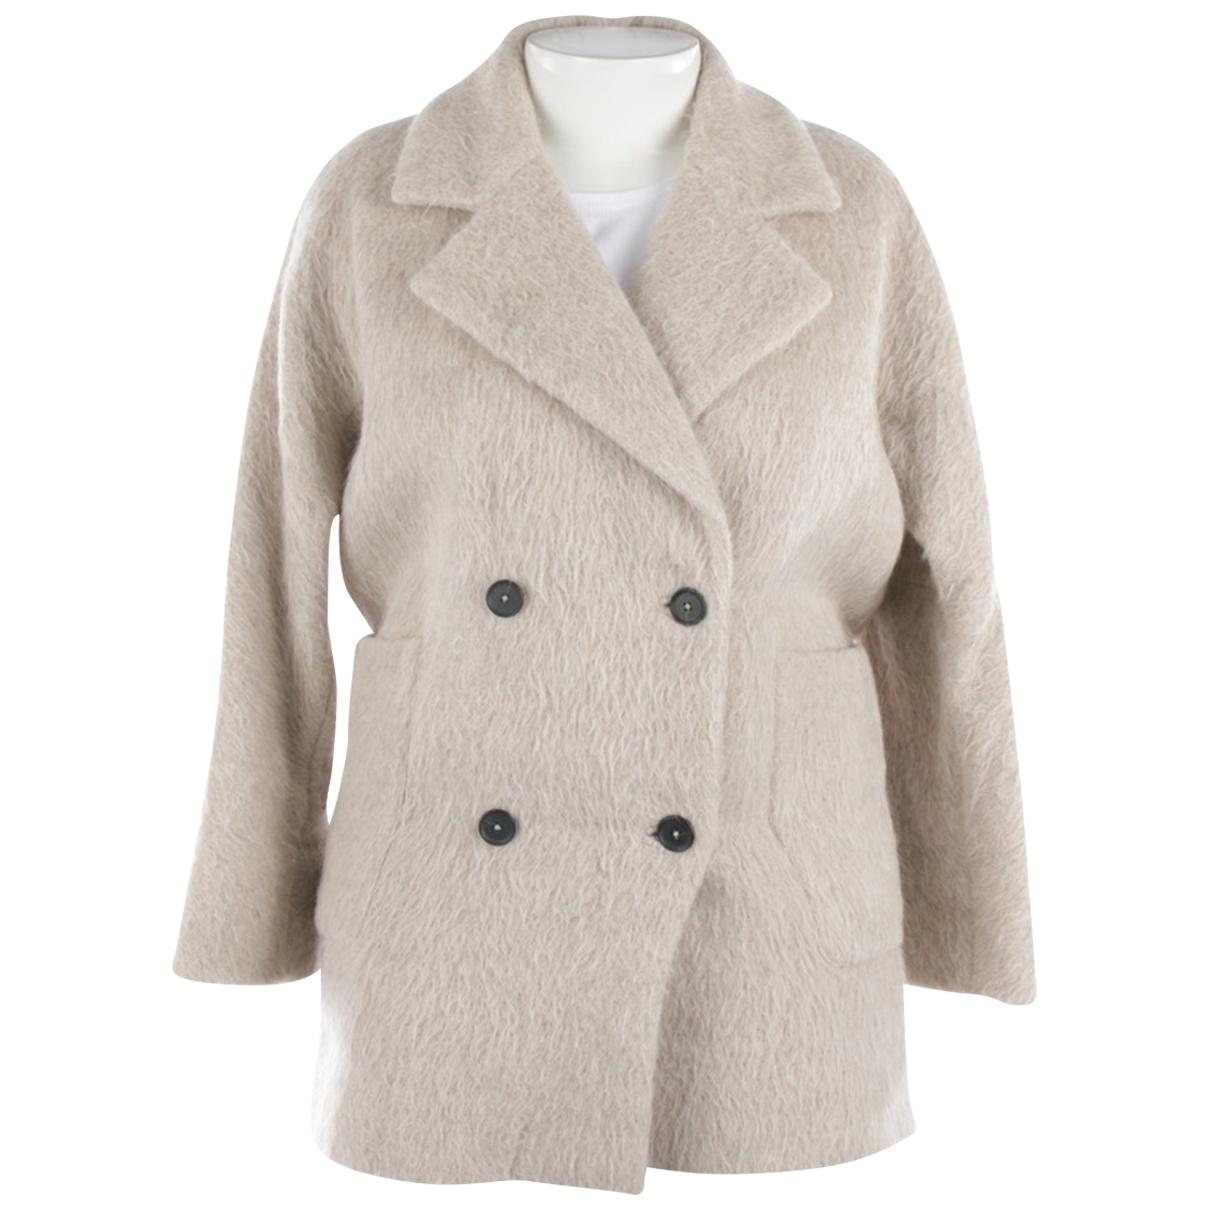 Mih Jean - Veste   pour femme en laine - beige